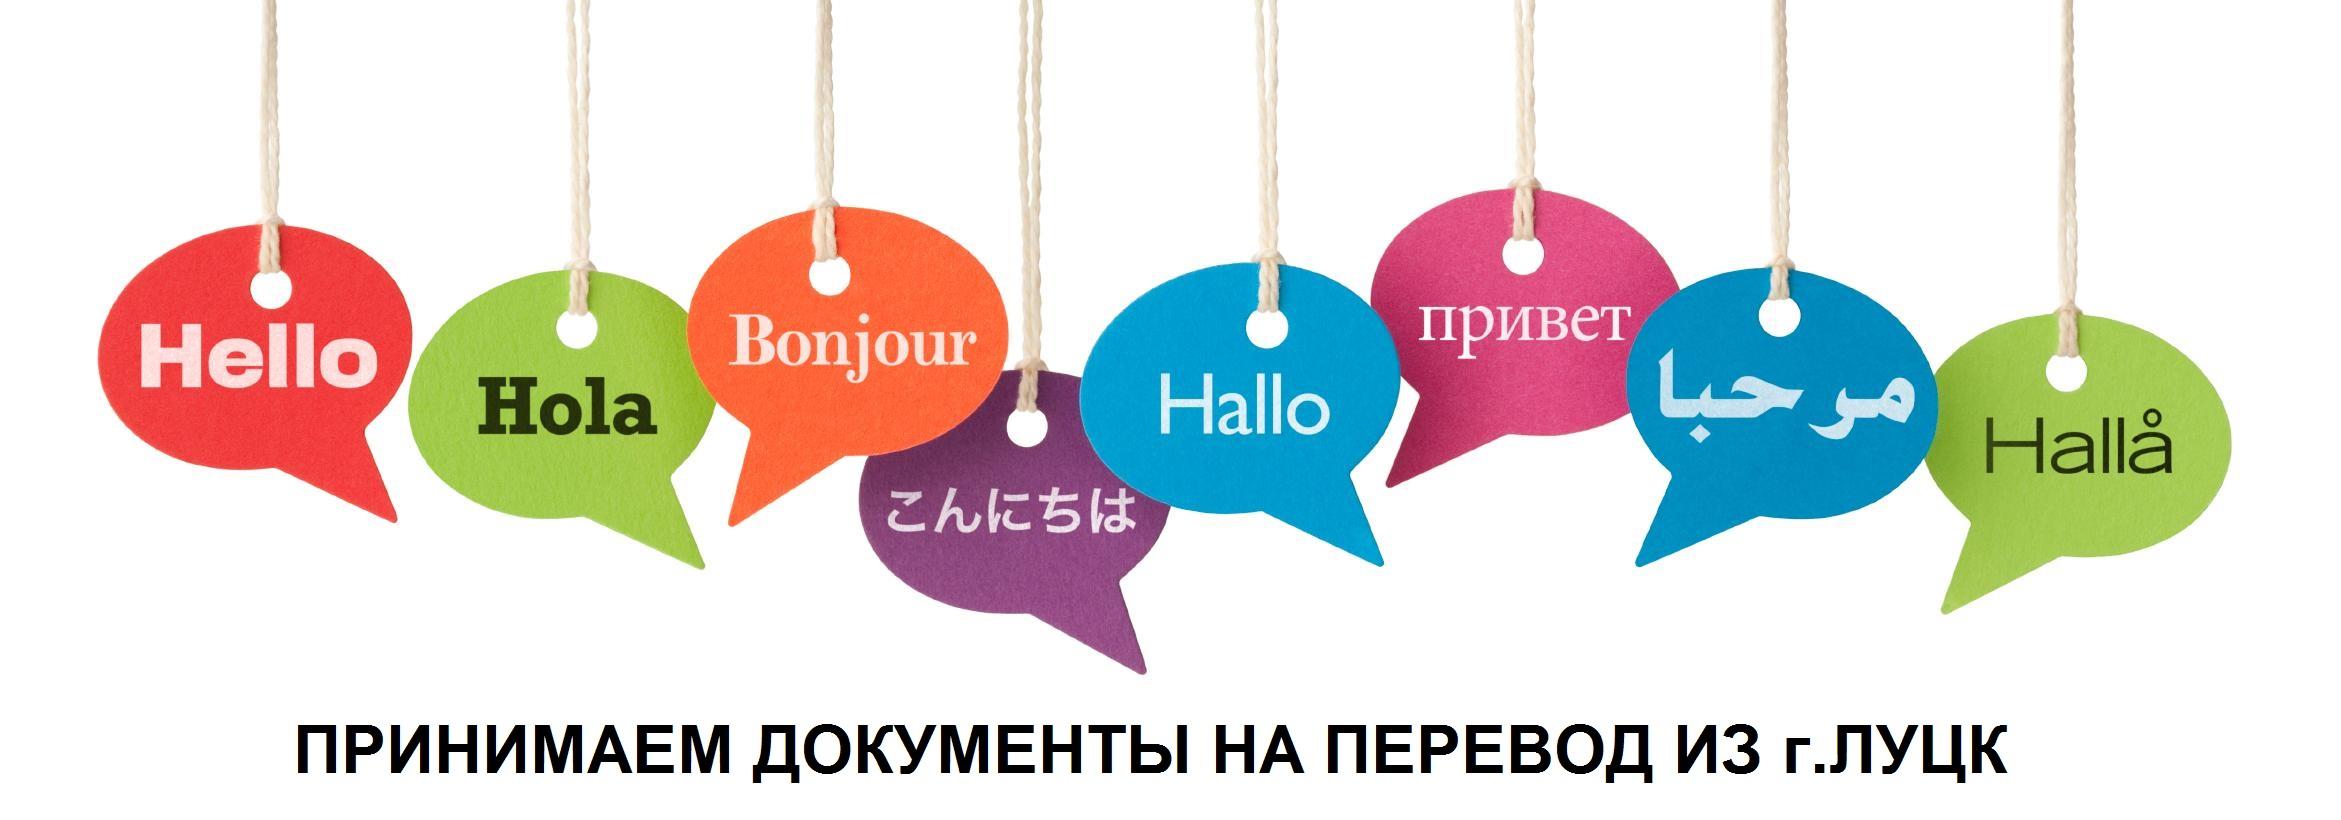 ПРИНИМАЕМ ДОКУМЕНТЫ НА ПЕРЕВОД ИЗ г.ЛУЦК - SpravkaInform.com.ua